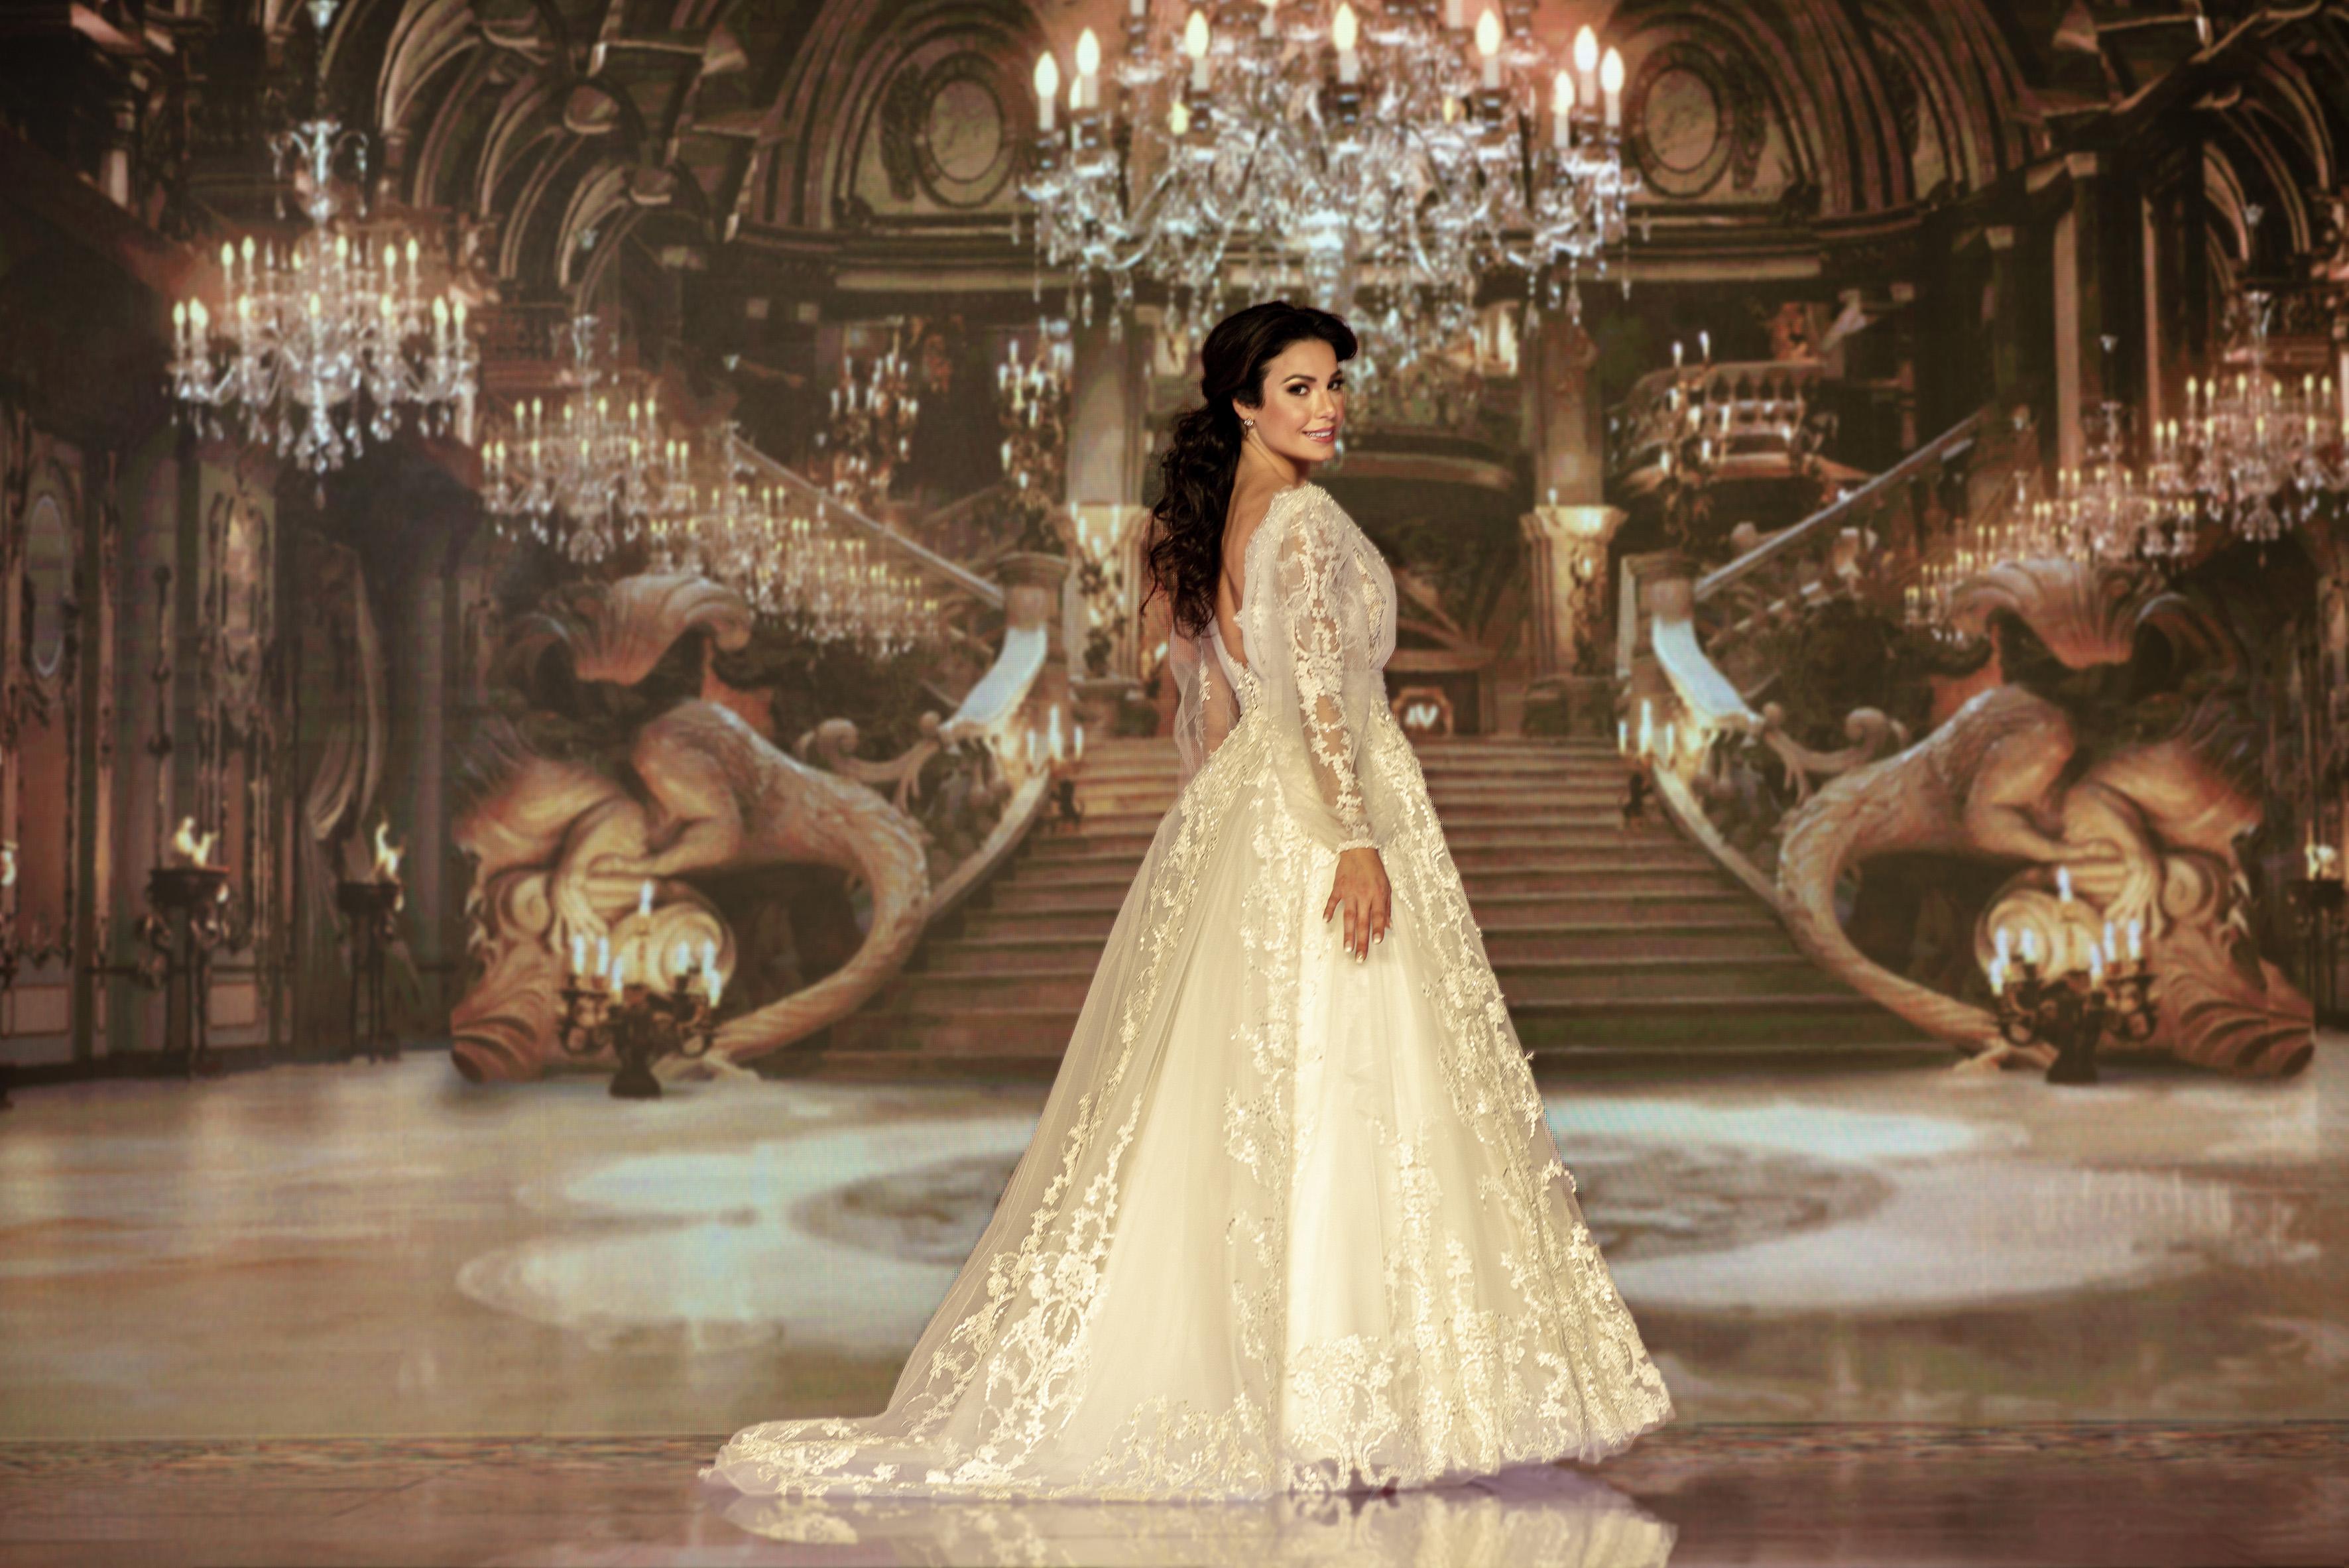 Julia Gama com vestido inspirado na Bela. Ela está com o corpo de lado, olhando para a câmera e sorrindo.